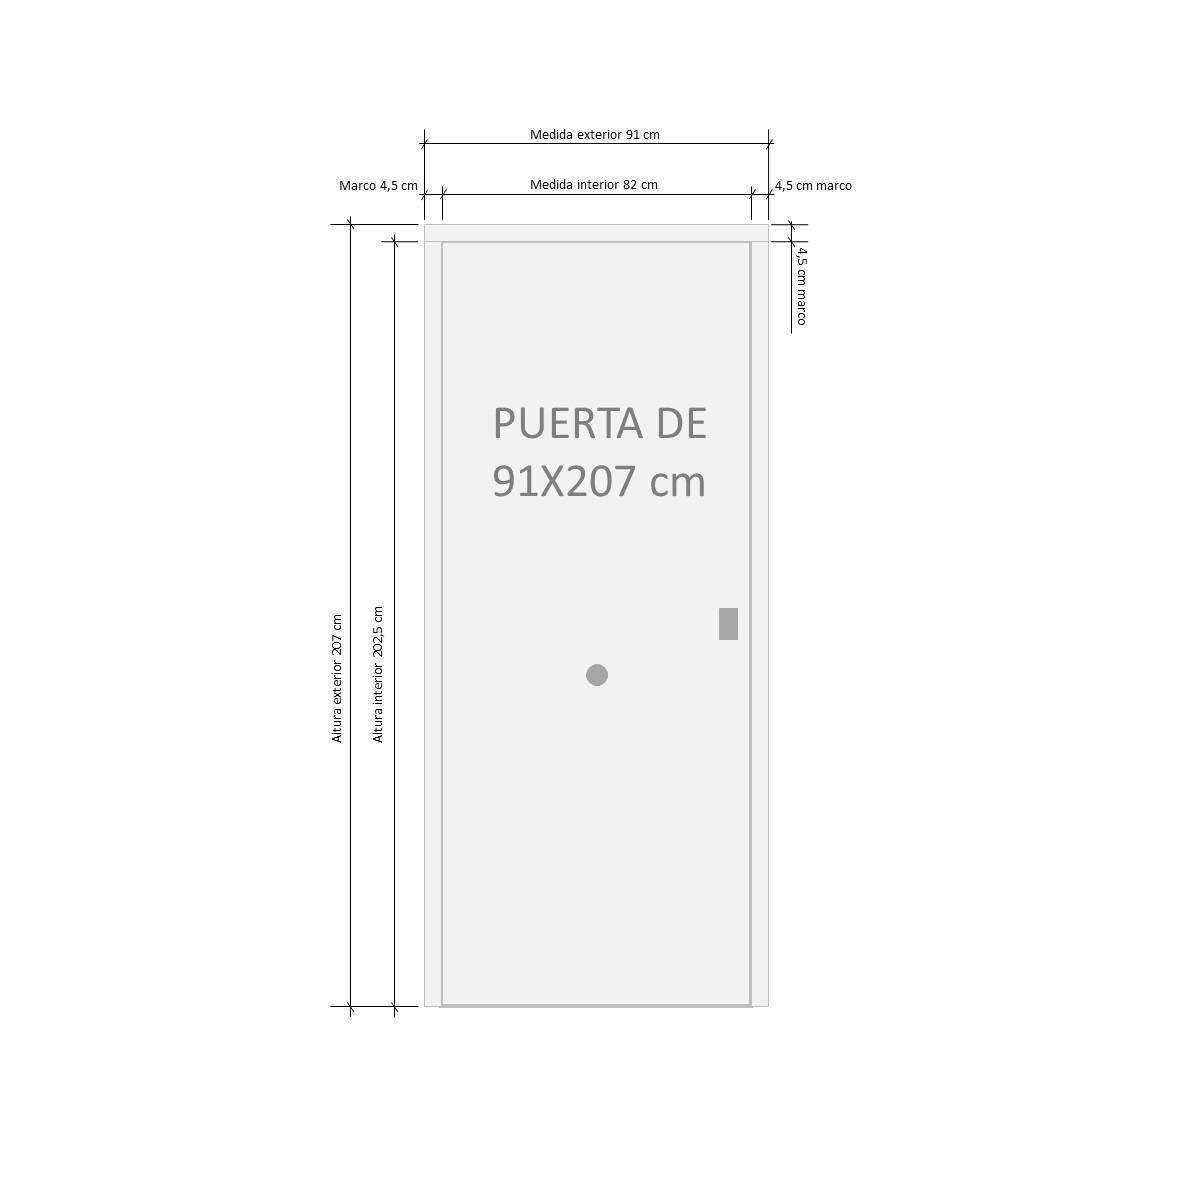 Puerta acorazada Alameda - Puertas acorazadas Serie B4-BL